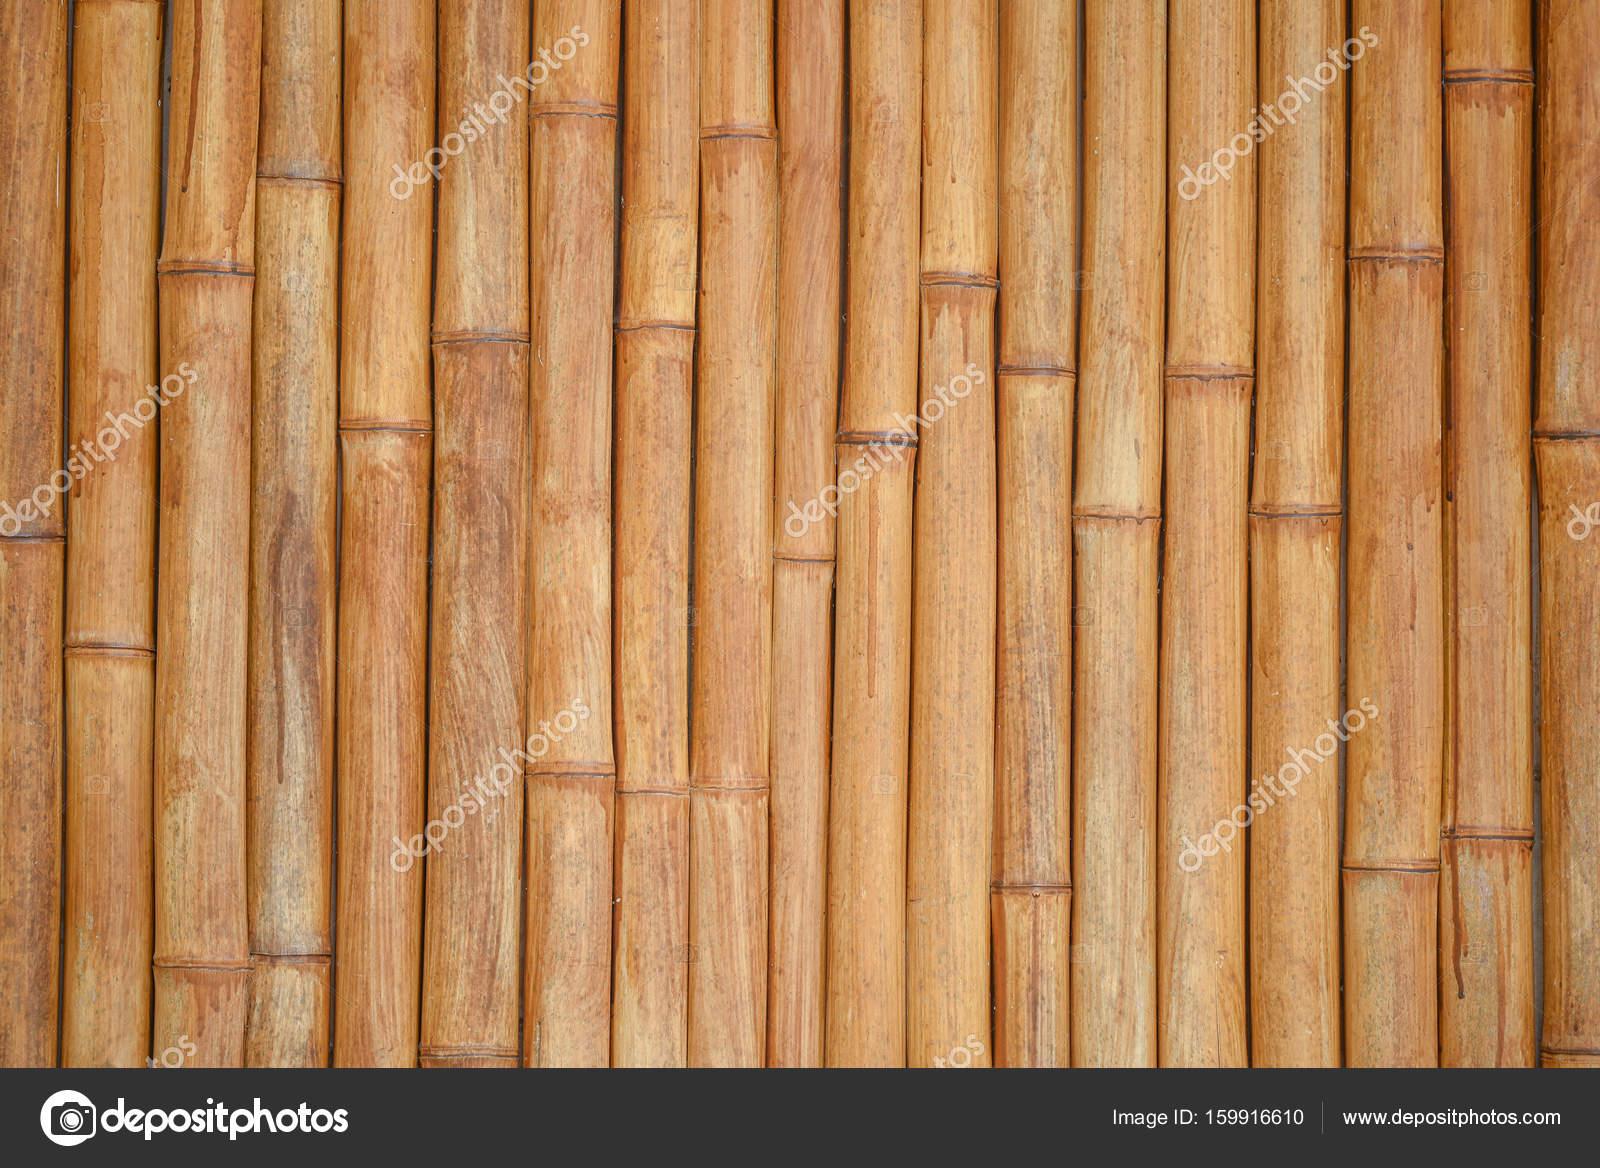 Бамбуковый материал. Бамбуковые палки шаблон, строительных ... e10a2c0c1f2